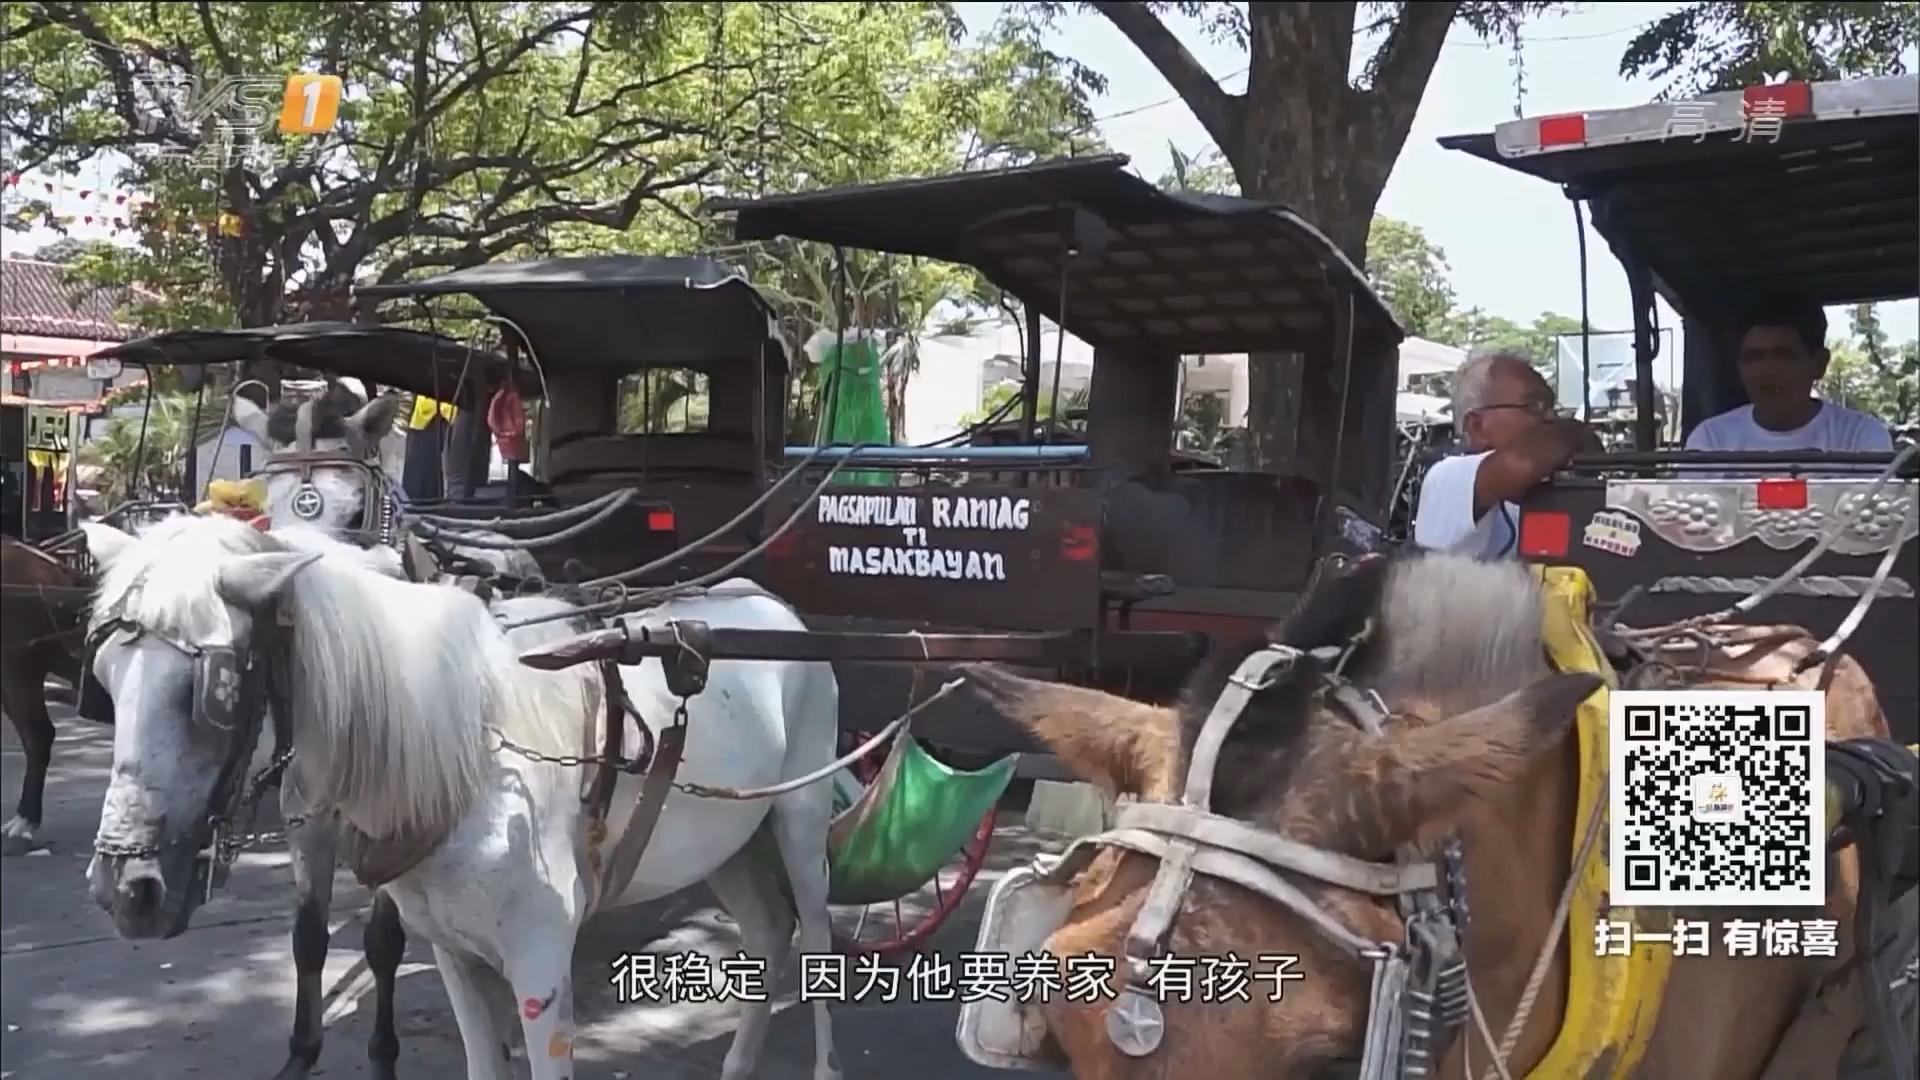 菲律宾——马车巡游